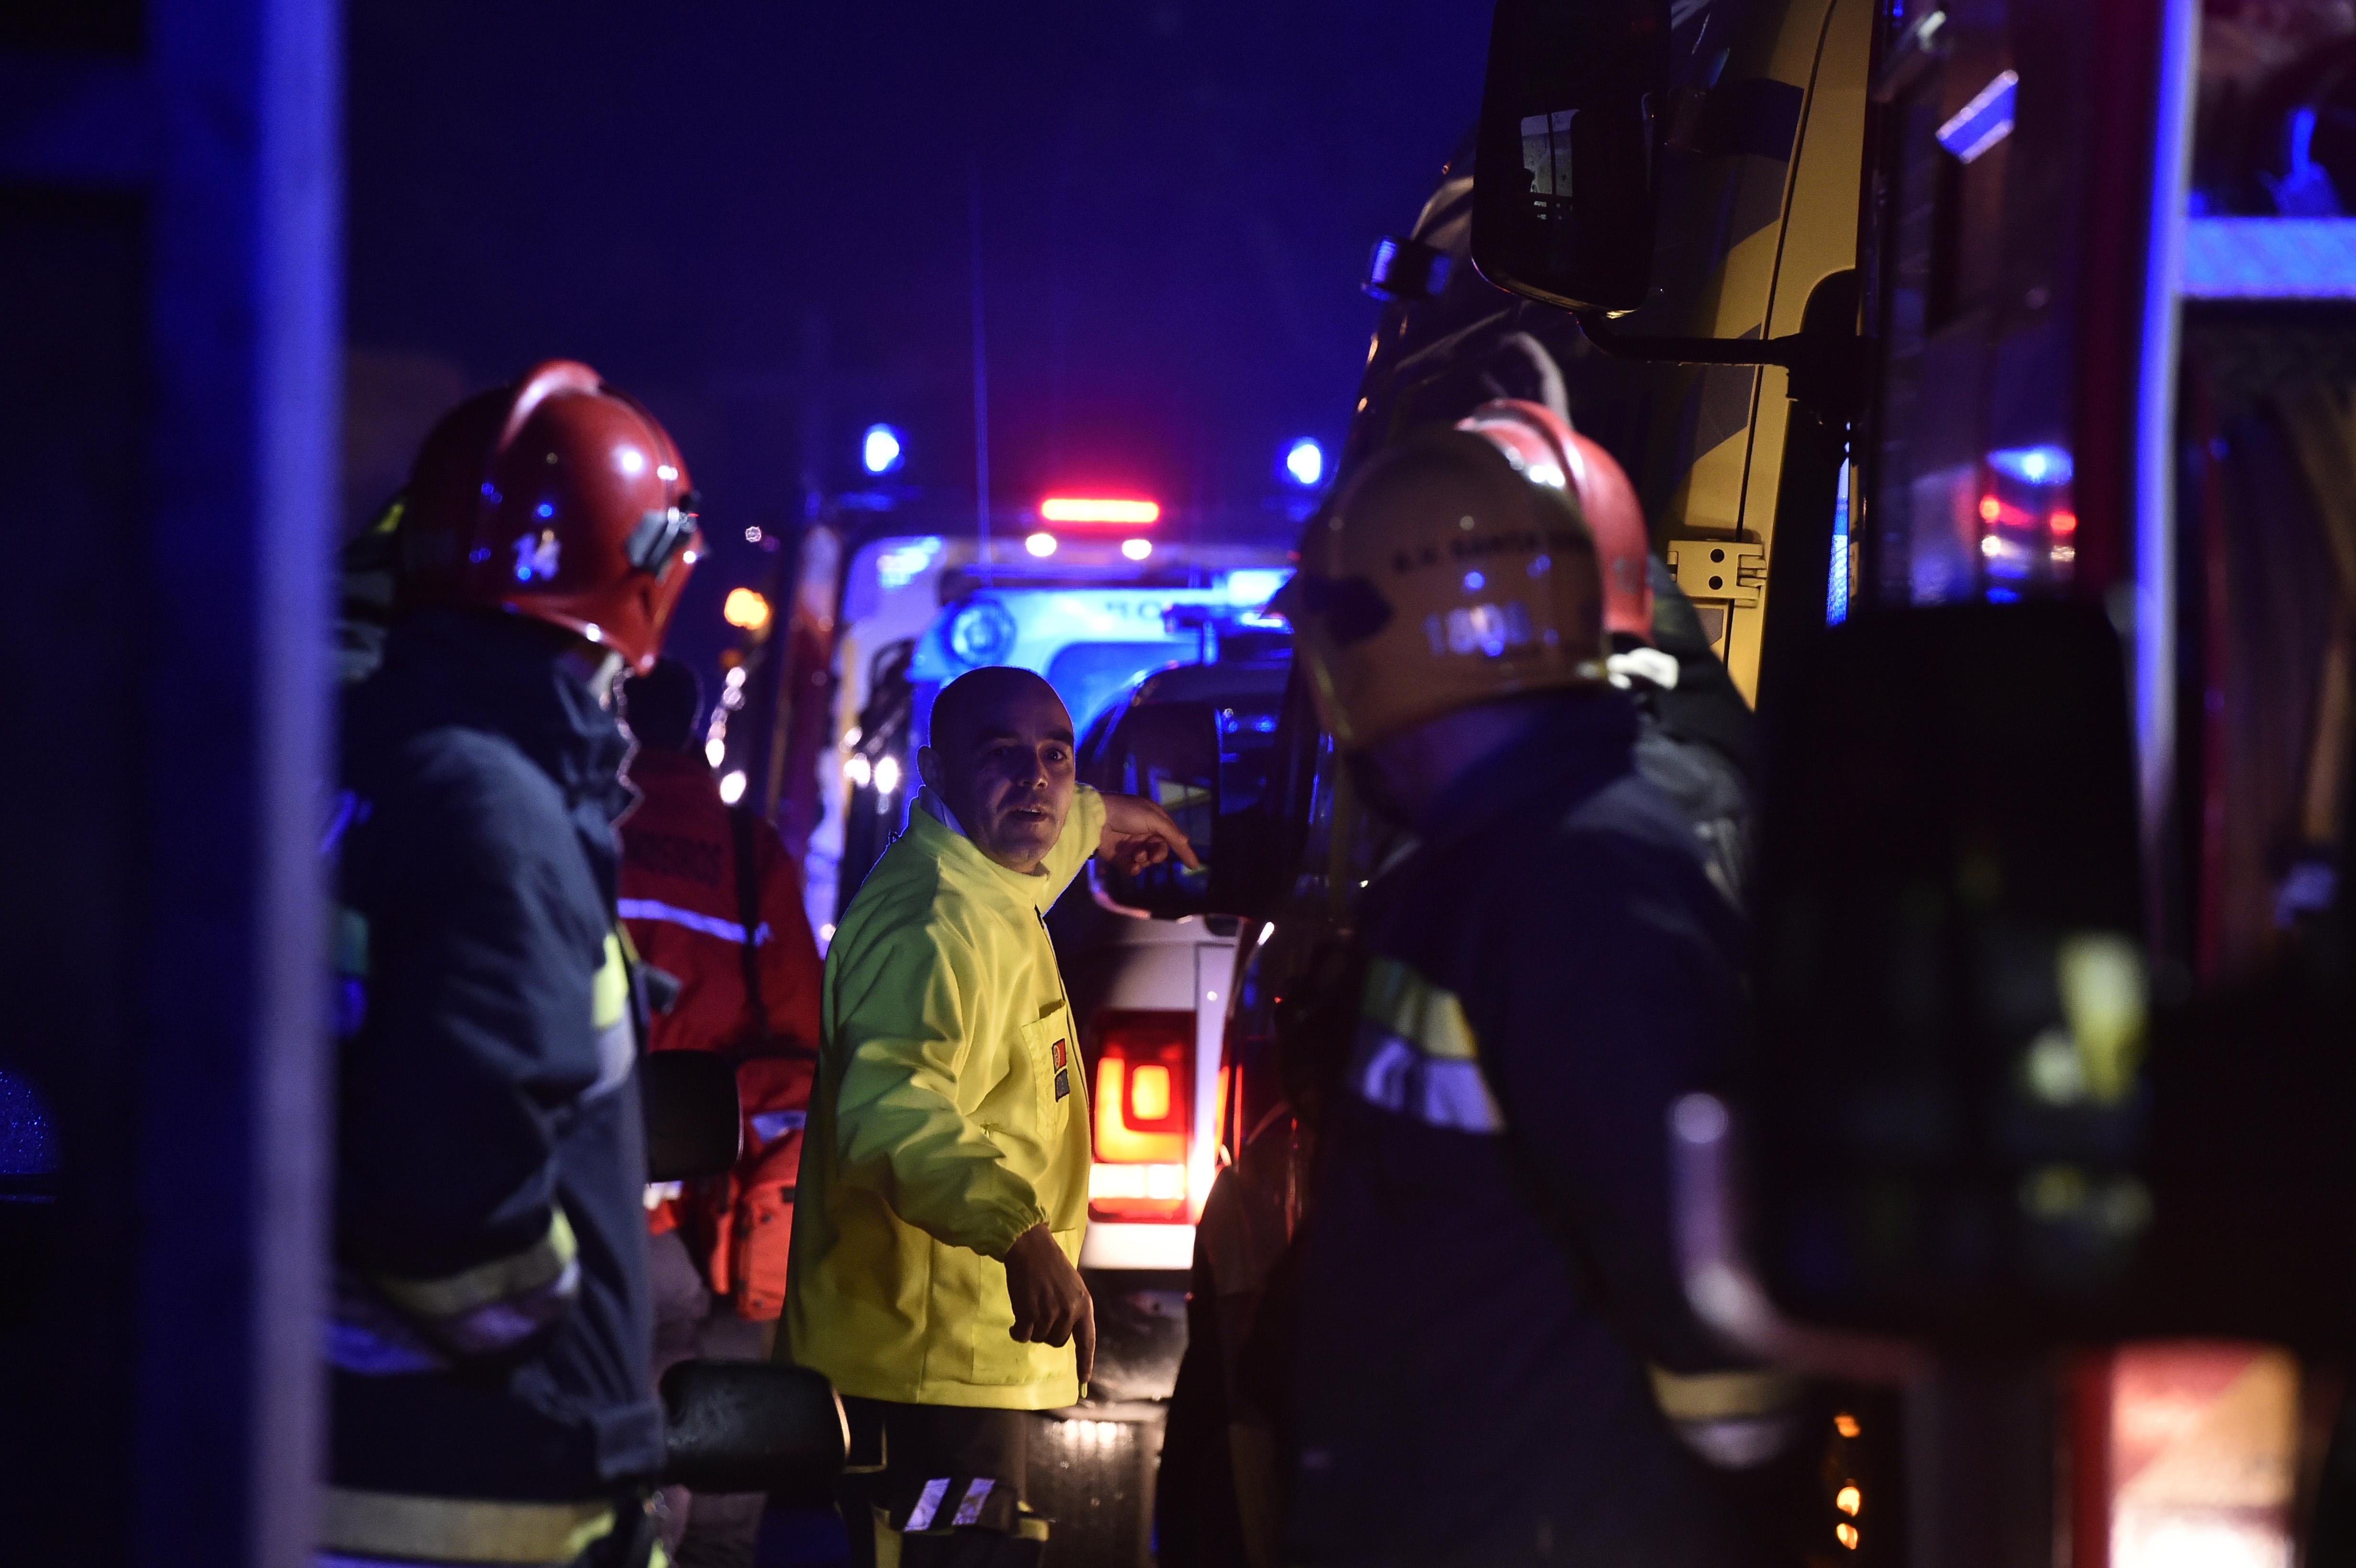 Vila Nova da Rainha. Morreu mais uma vítima do incêndio